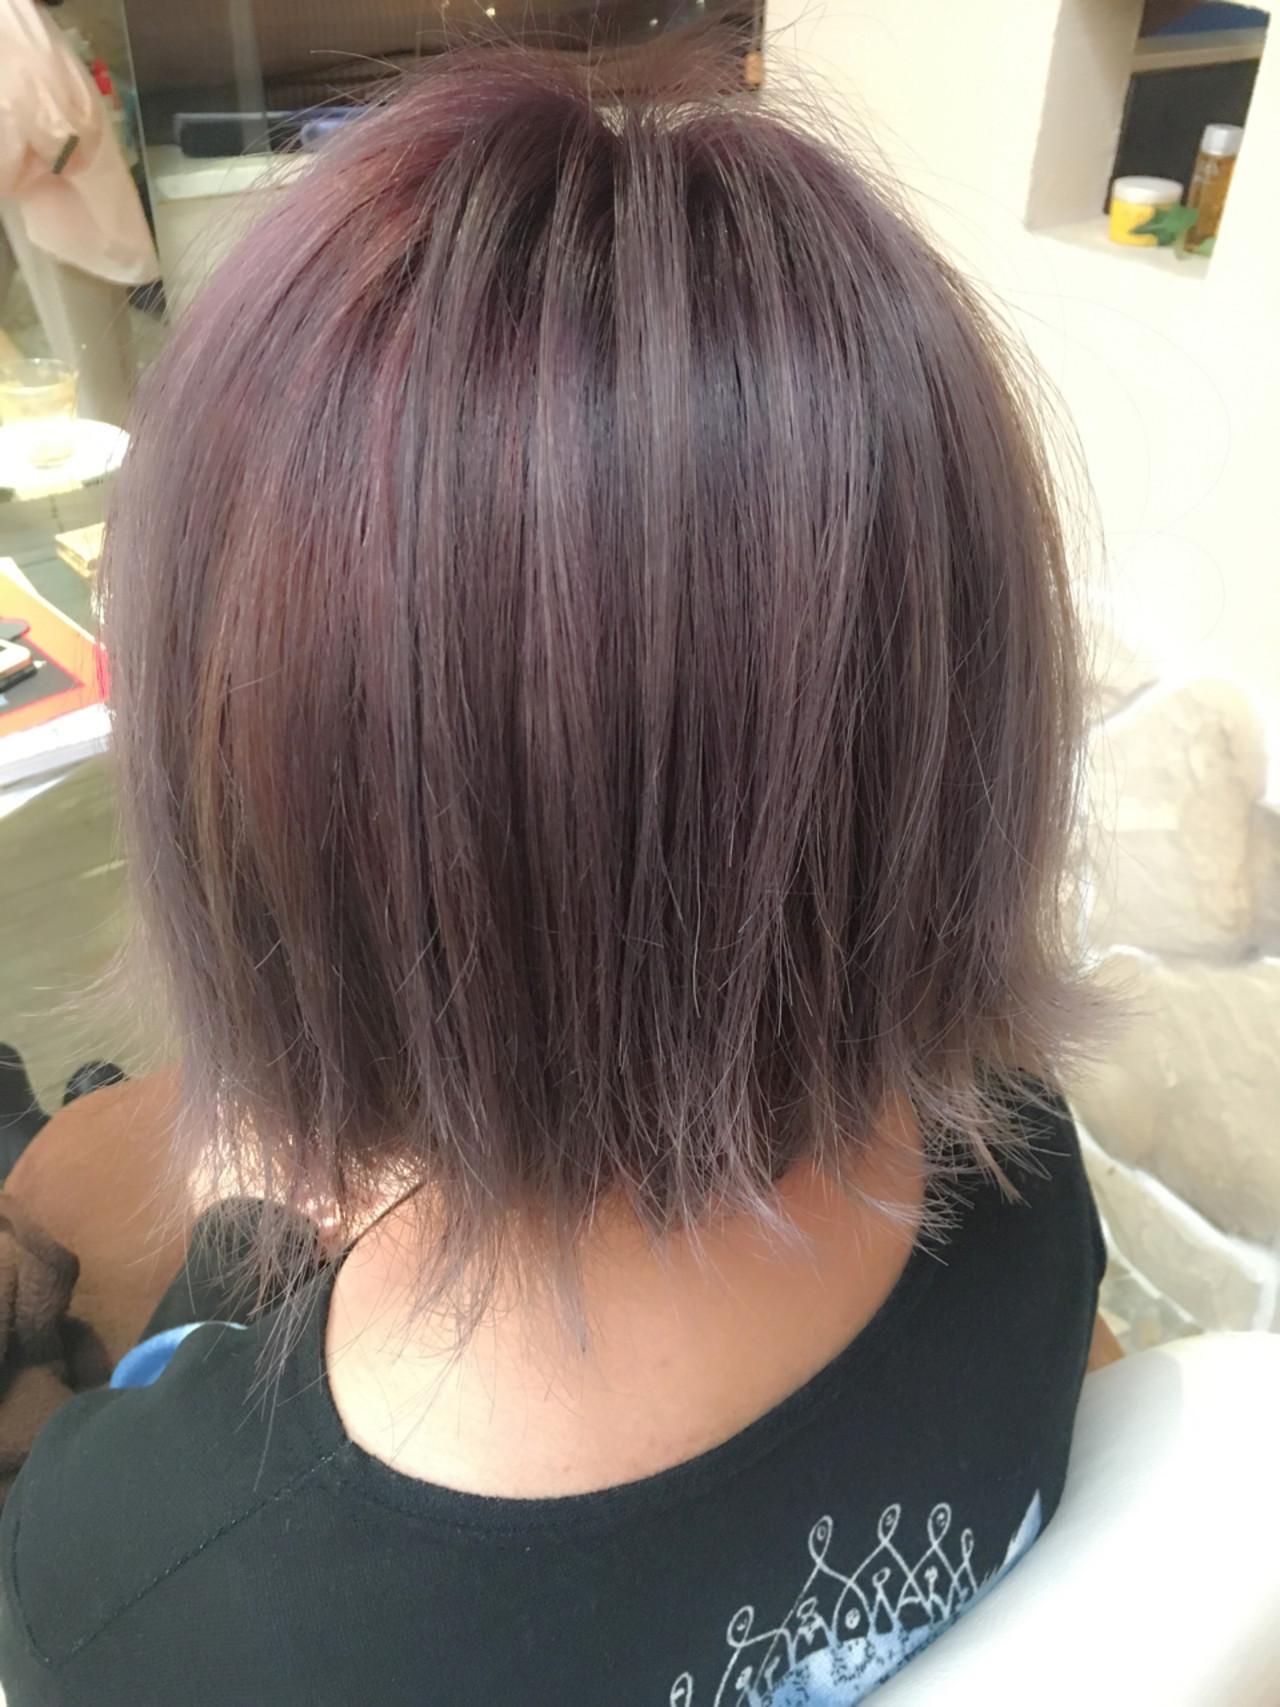 グレー系ヘアカラーが大人気!入りにくい髪色を上手く出すコツは? 藤原 千穂